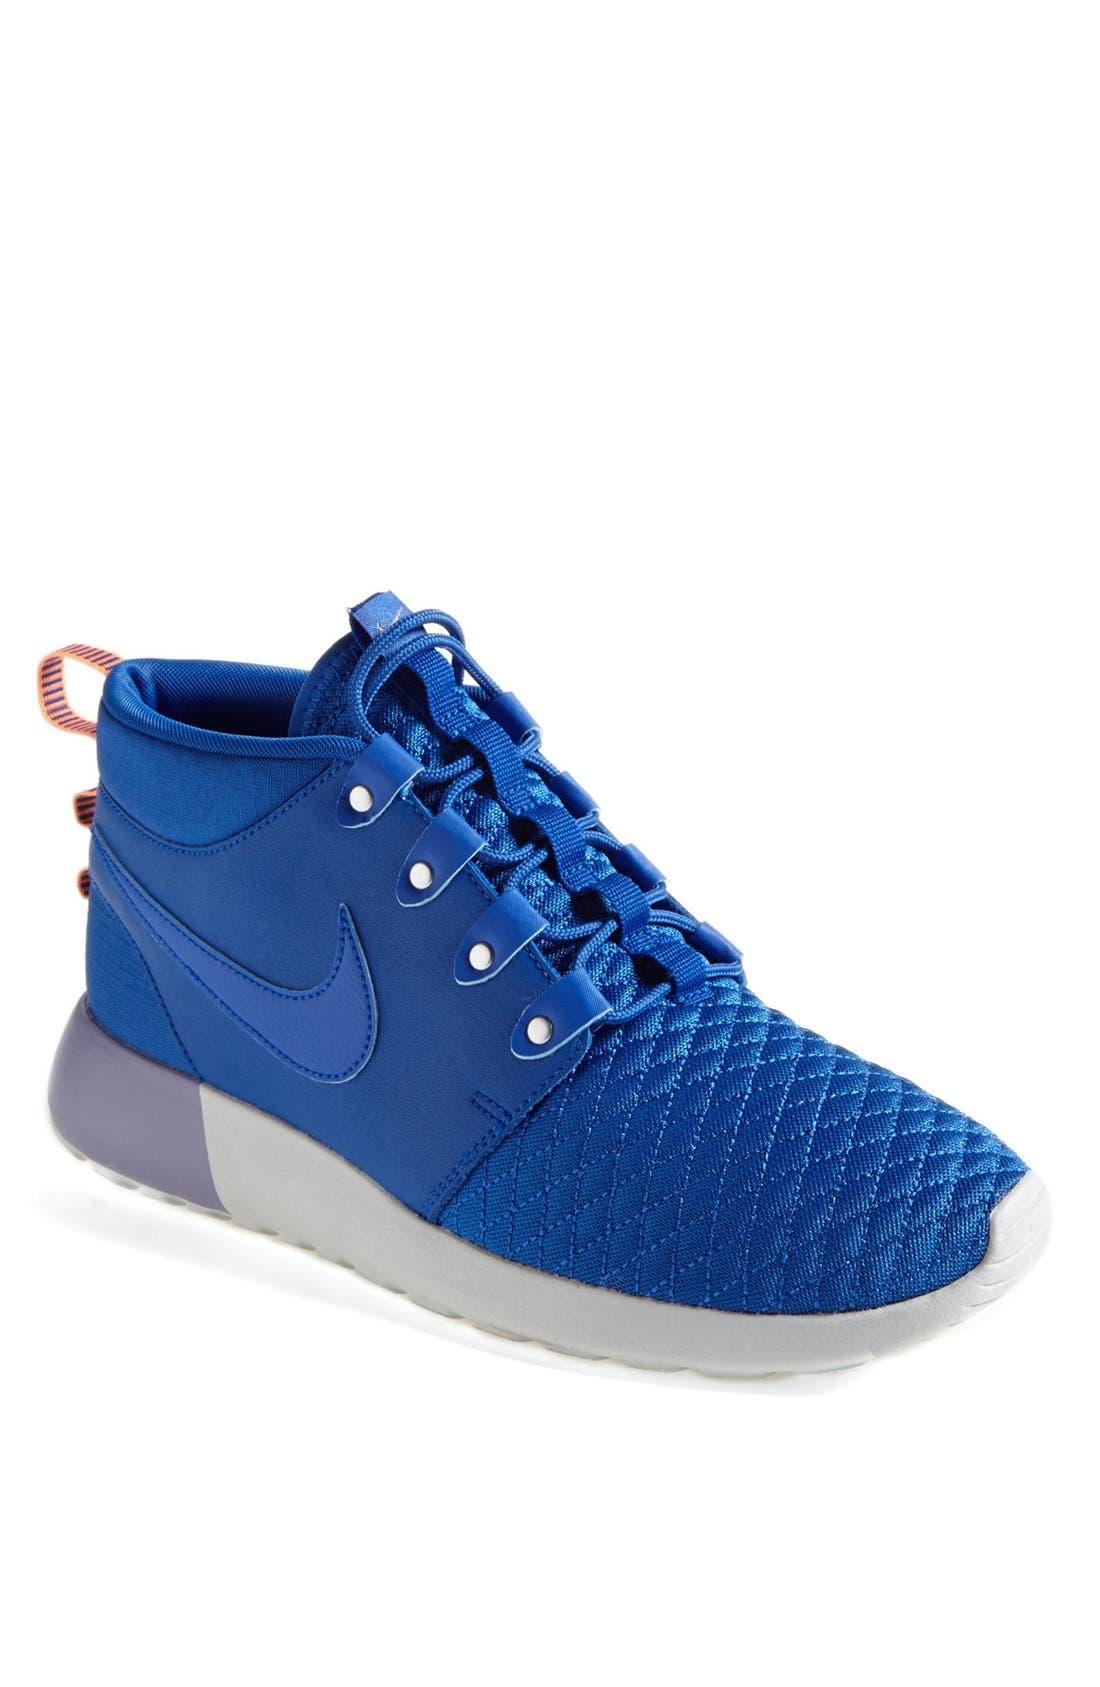 Alternate Image 1 Selected - Nike 'Roshe Run' Sneaker Boot (Men)